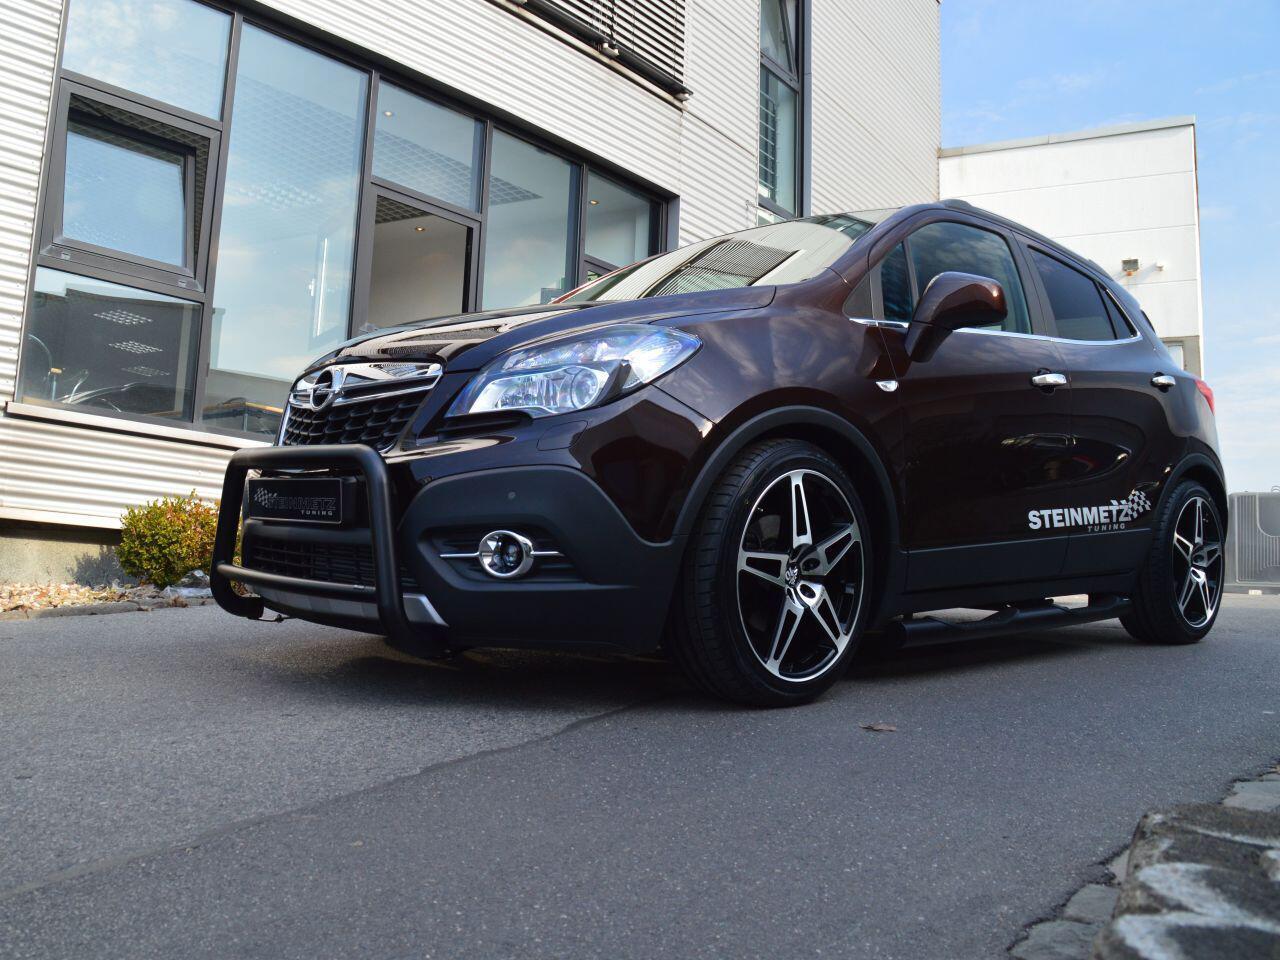 Bild zu Opel-Tuner Steinmetz hat sich den Opel Mokka zur Brust genommen